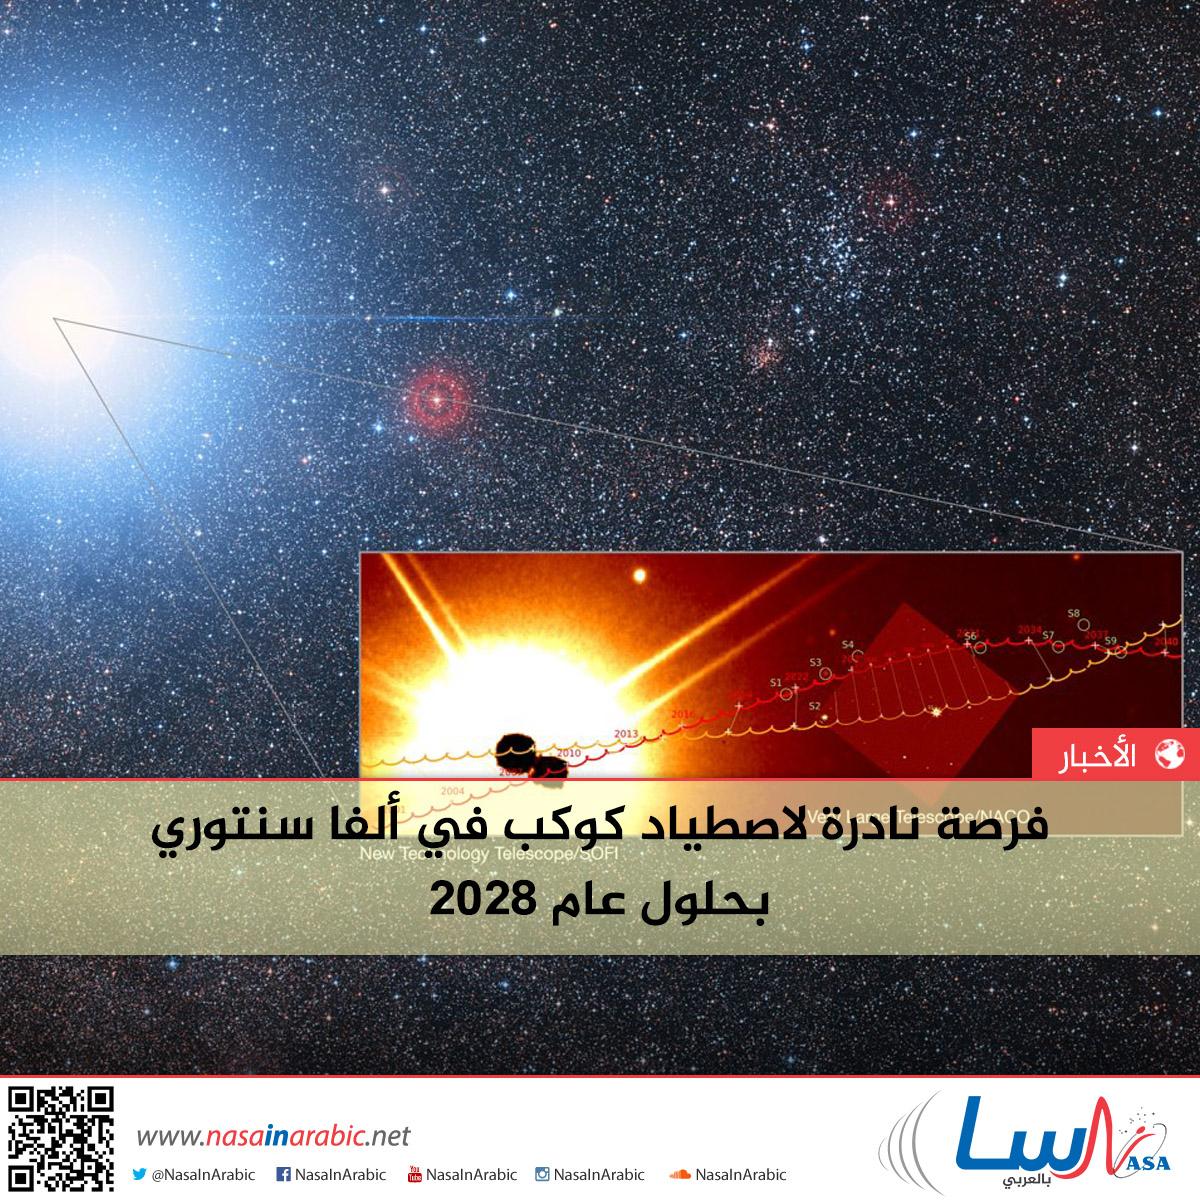 فرصة نادرة لاصطياد كوكب في ألفا سنتوري بحلول عام 2028